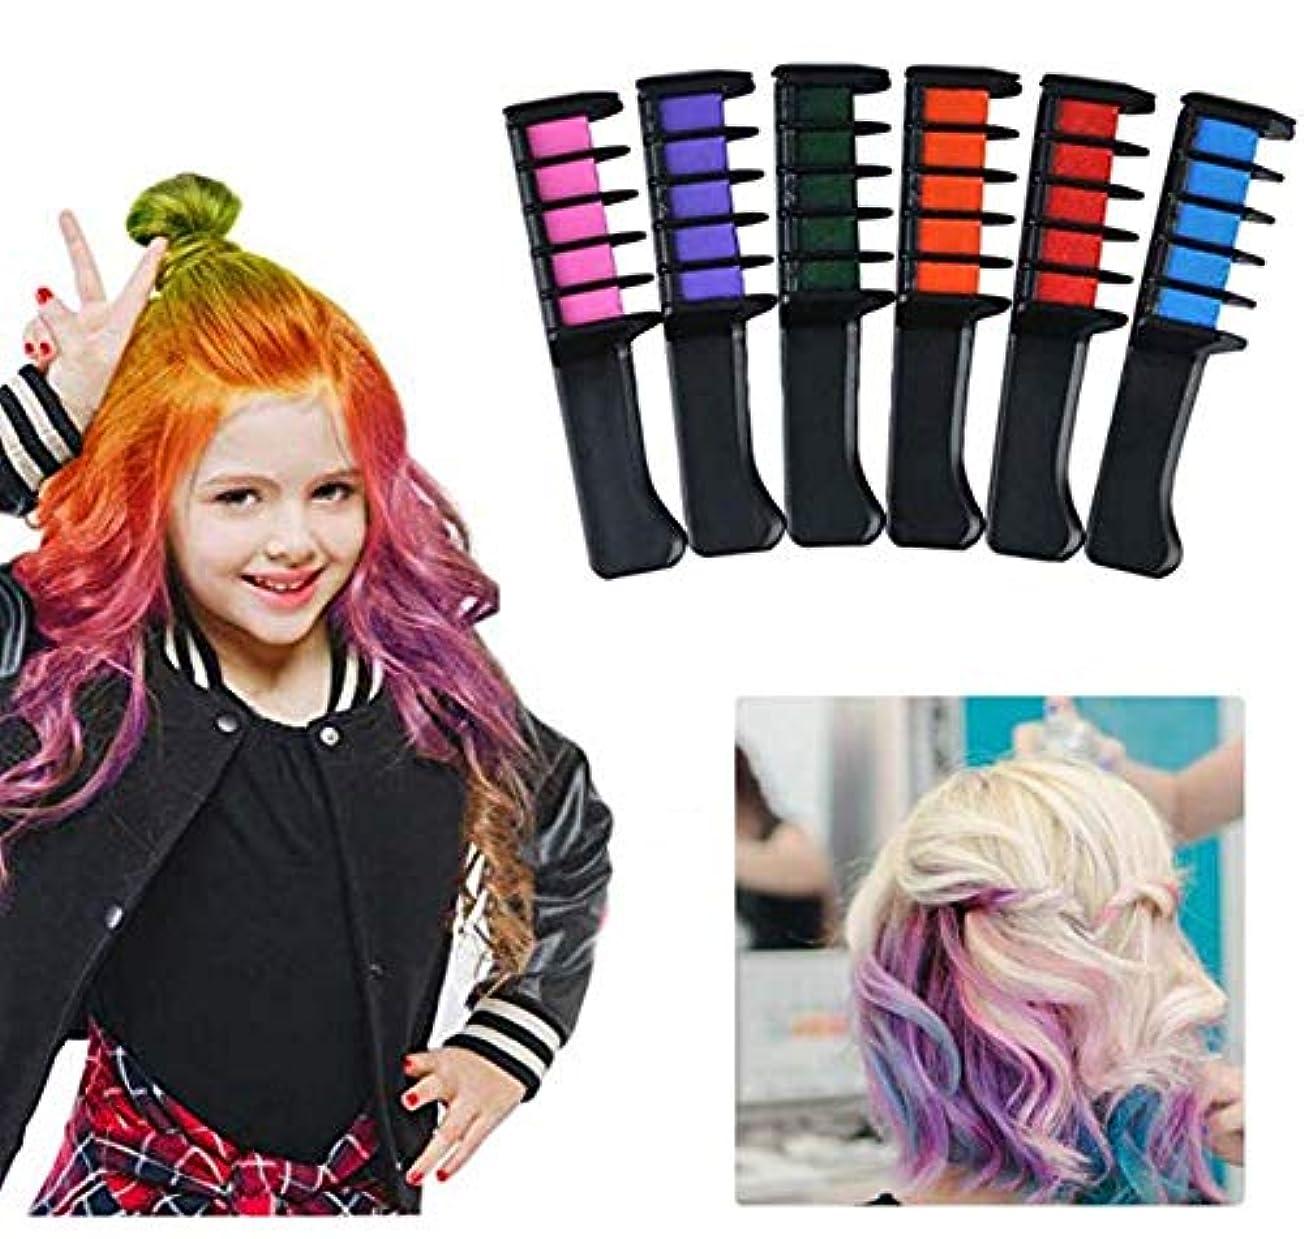 写真写真撮影タイプライター子供のための安全な非有毒な一時的な髪のチョークの櫛6色髪の色の櫛髪のチョークの櫛、女の子、パーティー、コスプレ